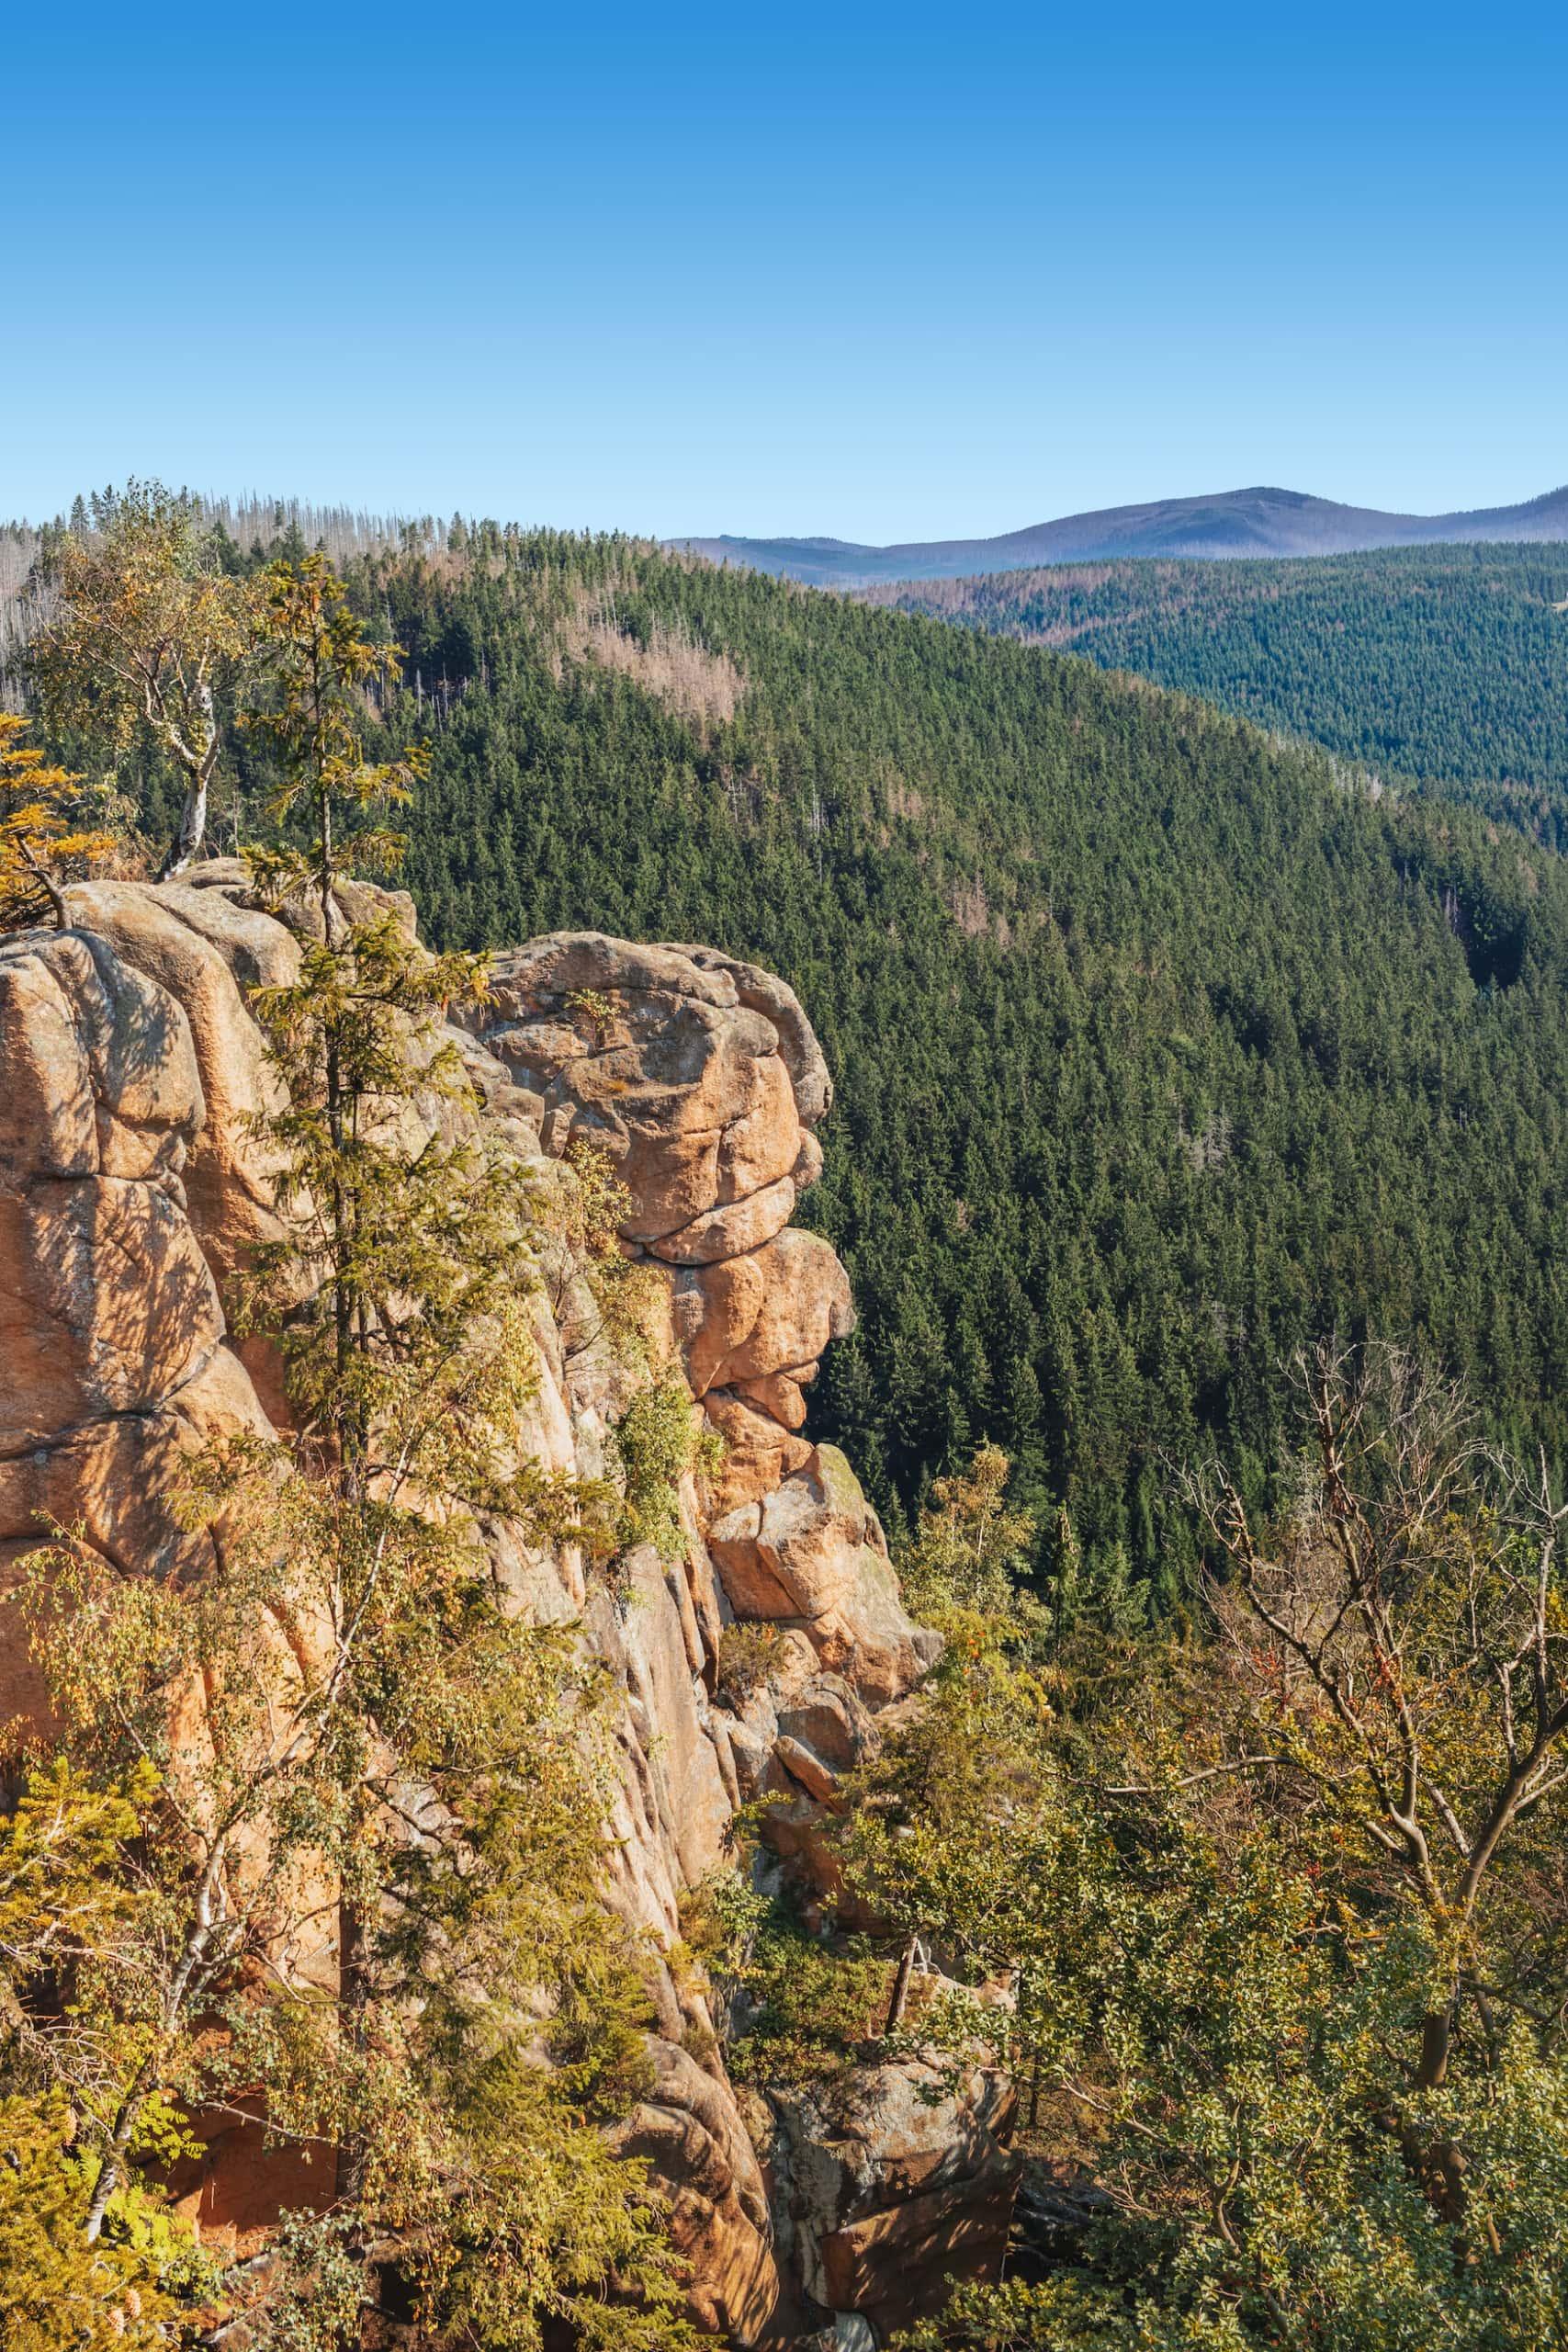 Rabenklippe im Harz Nationalpark, von der man Luchse beobachten kann